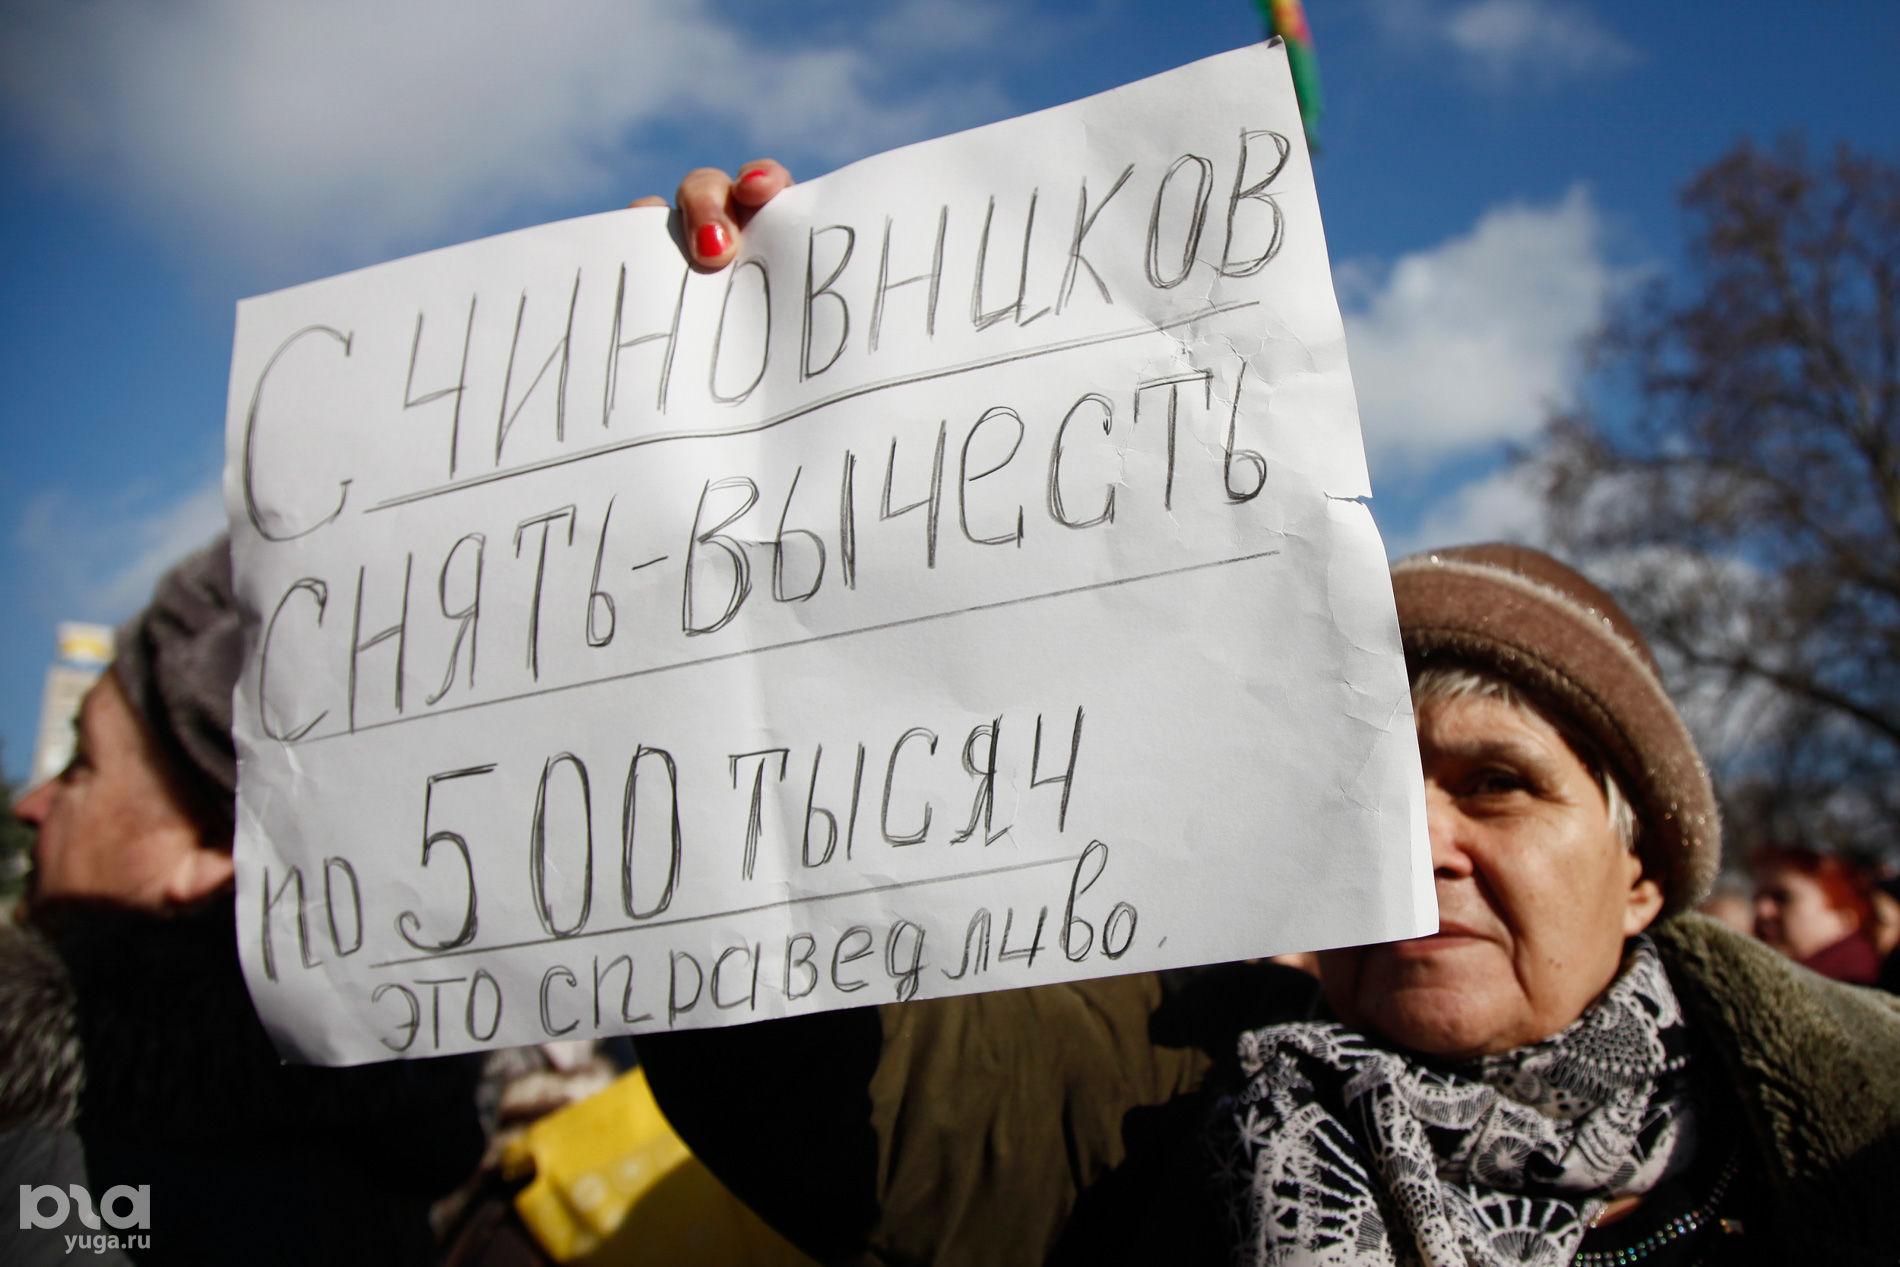 главного фото с митинга пенсионеров в краснодаре этапом следует оформление